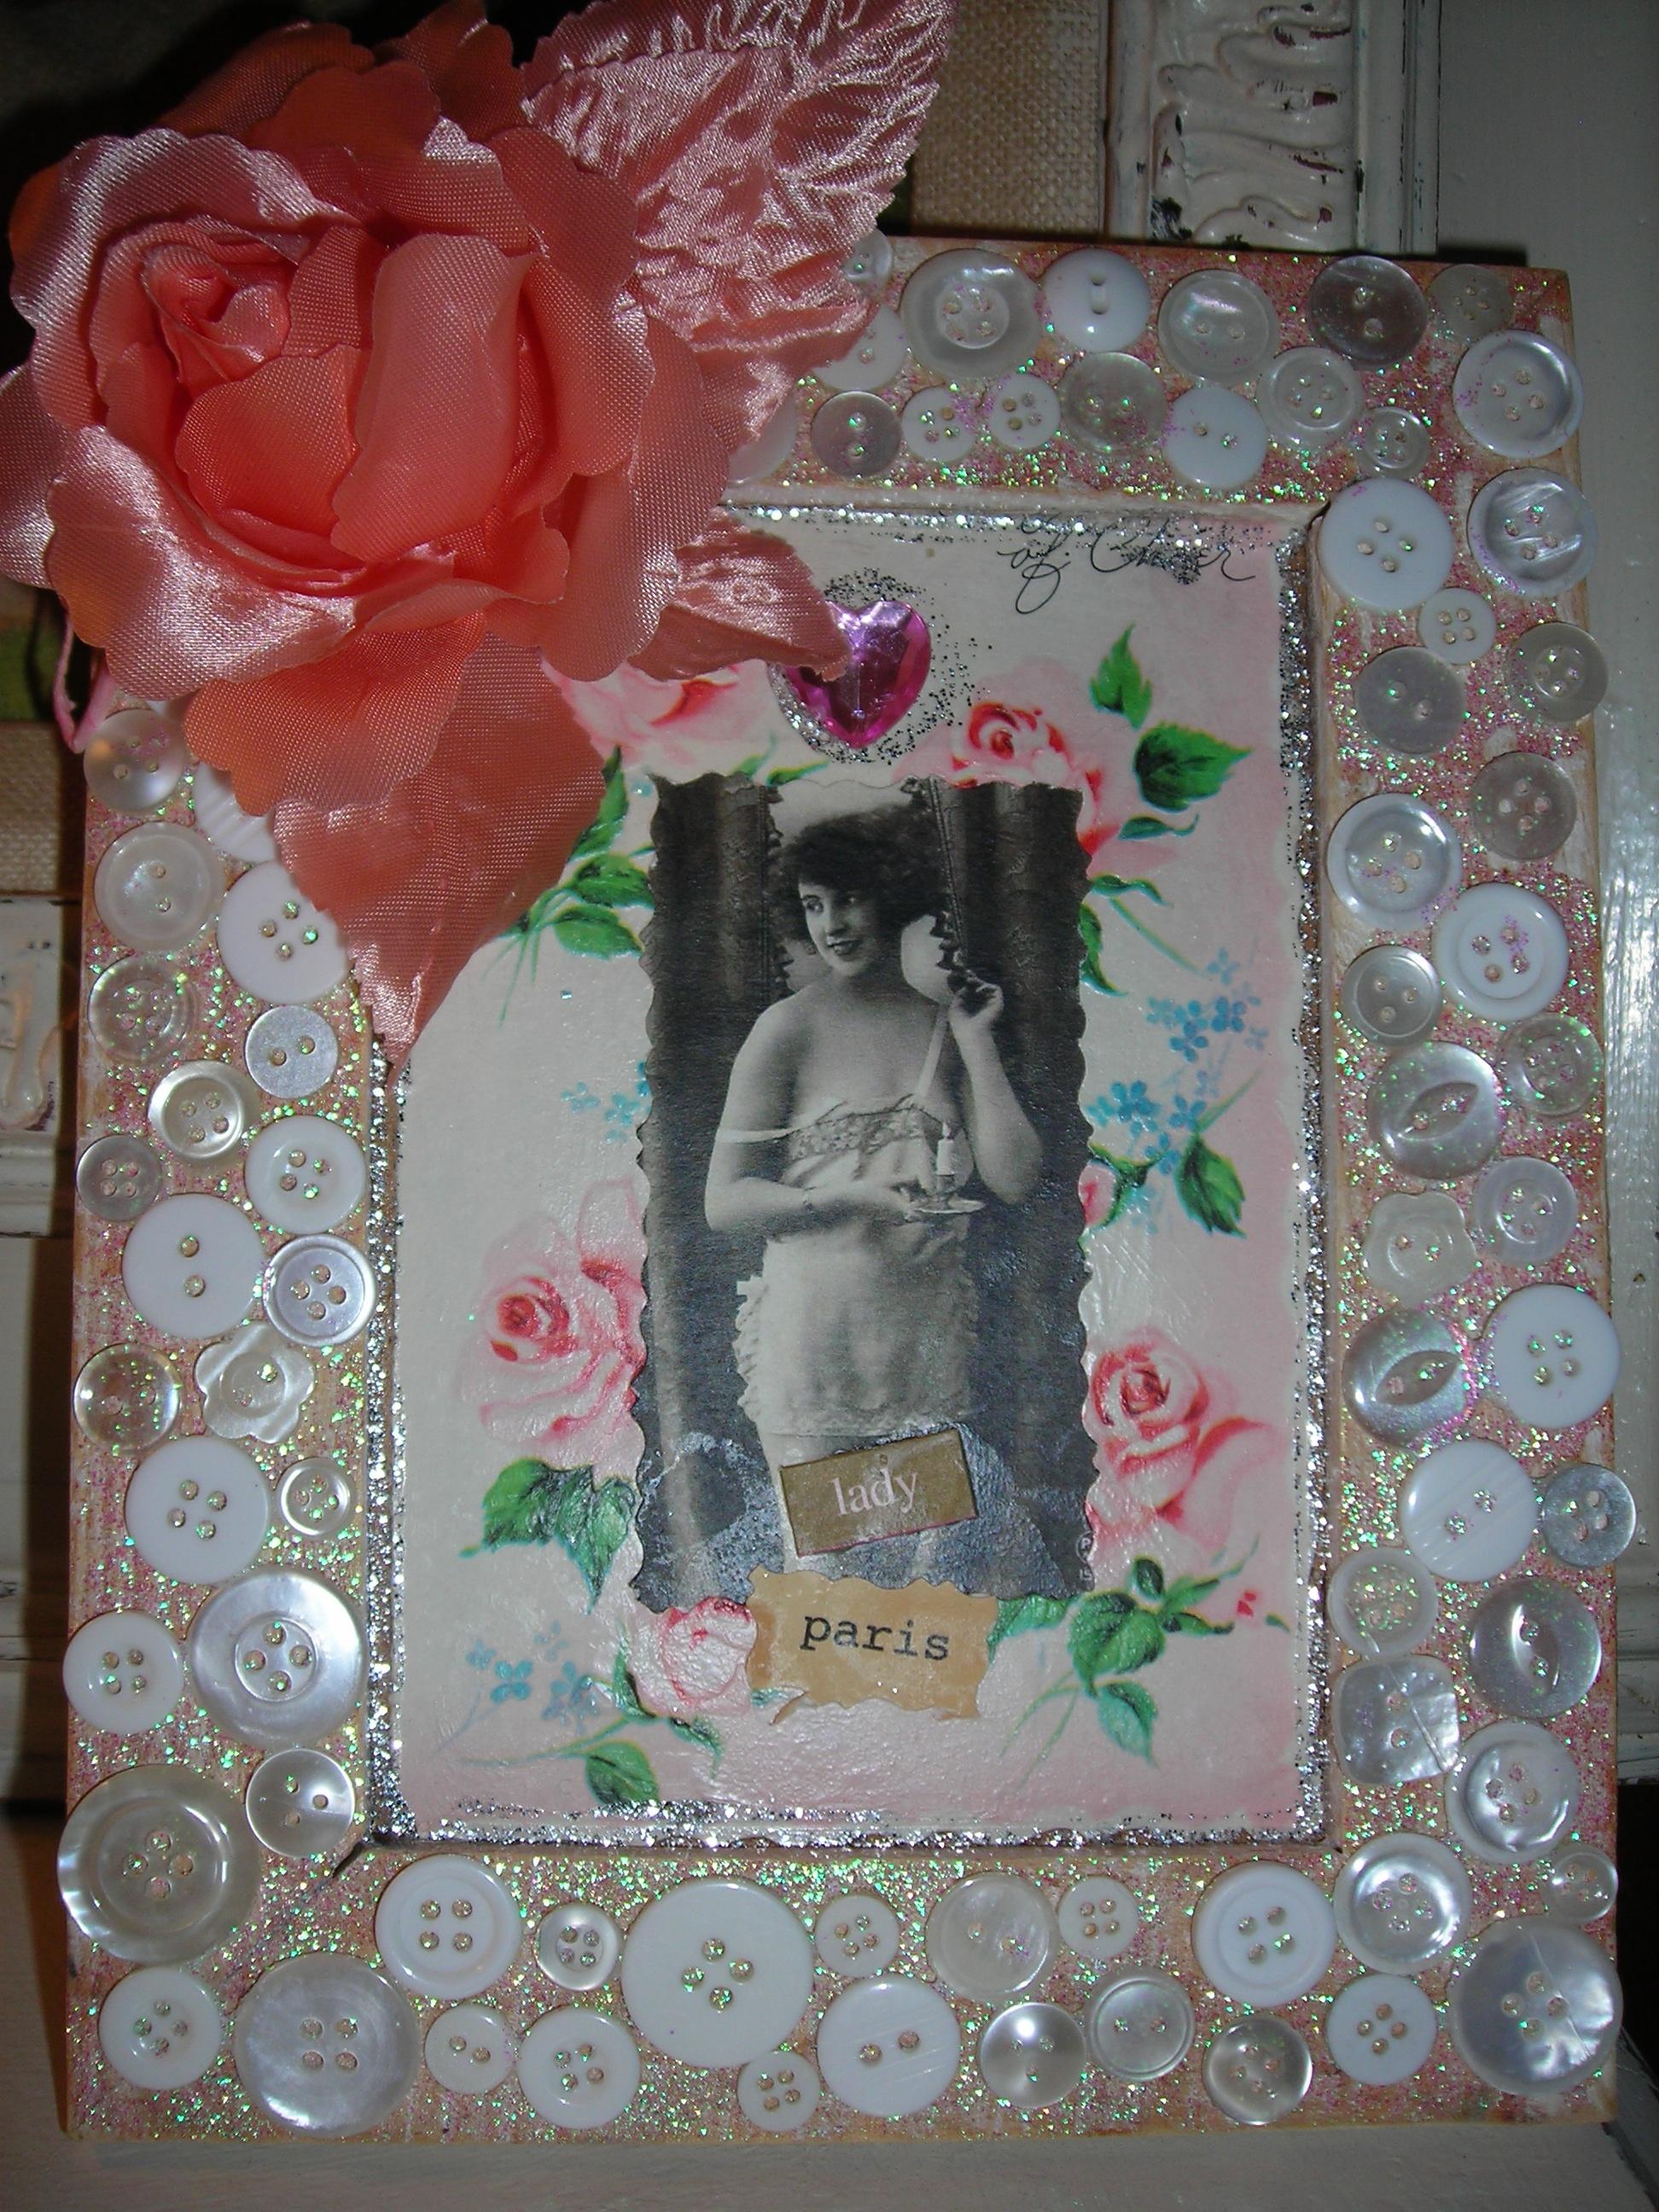 Adorable little Paris Lady picture, Sue's creation